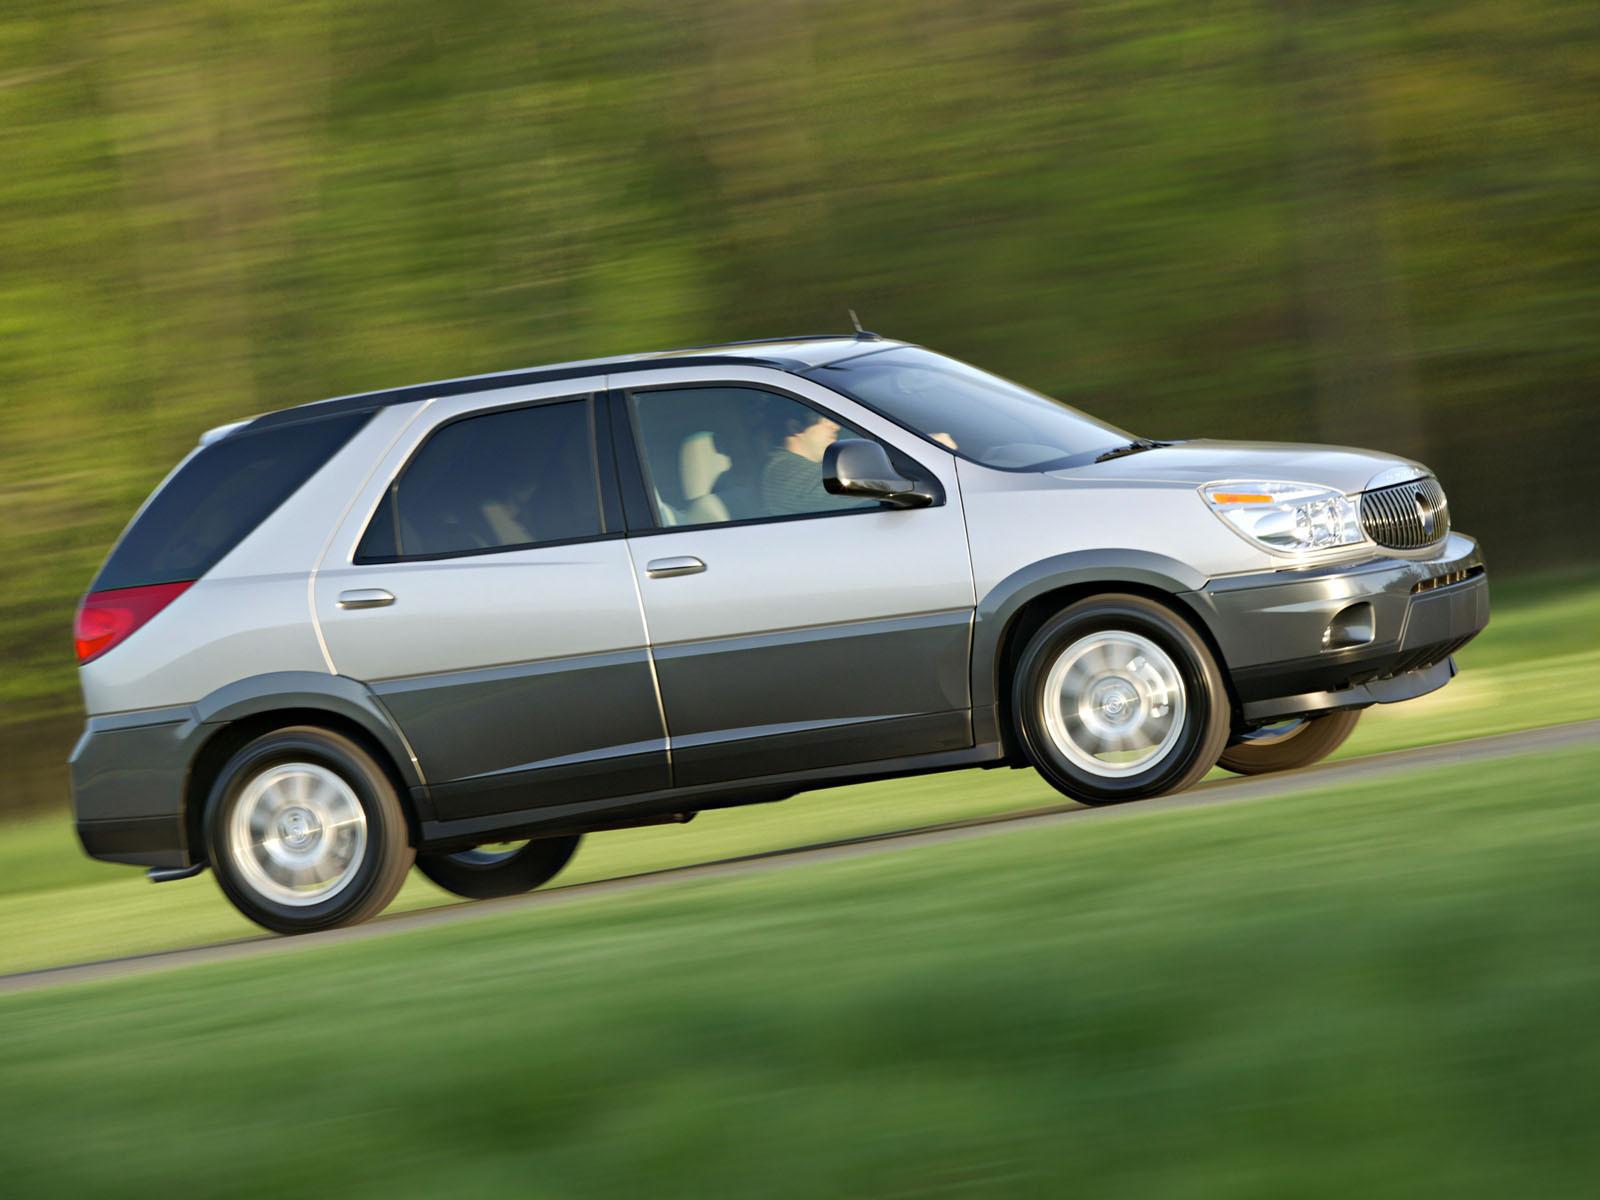 Buick Rendezvous 2000 - specifications, description, photos.